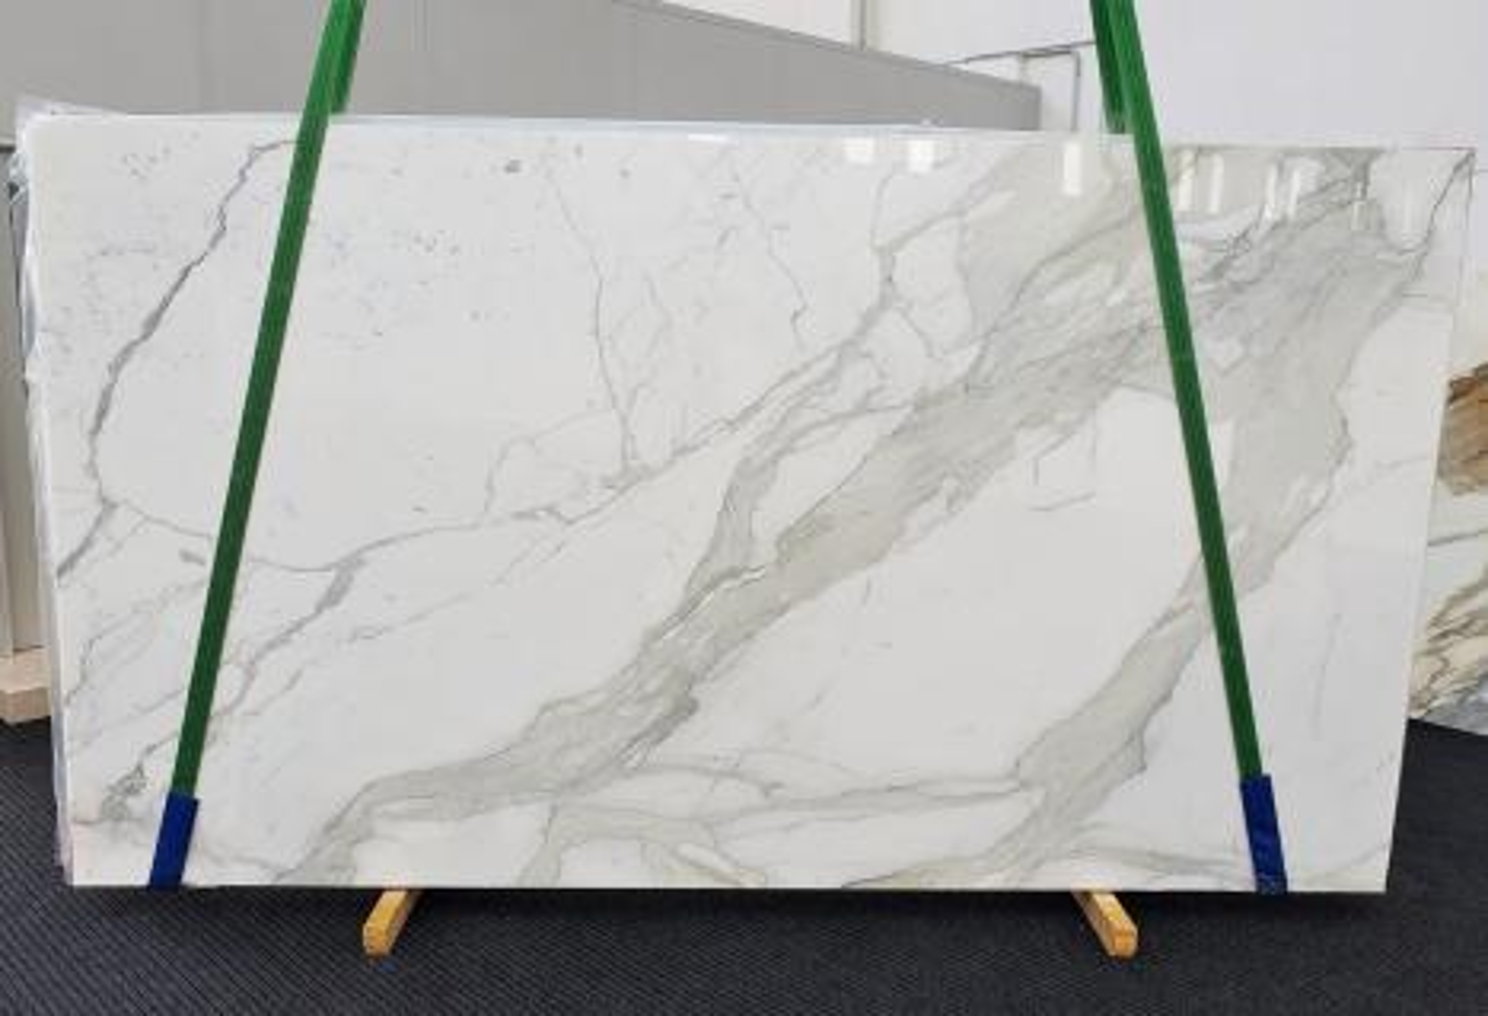 CALACATTA ORO EXTRA Supply Veneto (Italy) polished slabs 1366 , Slab #45 natural marble